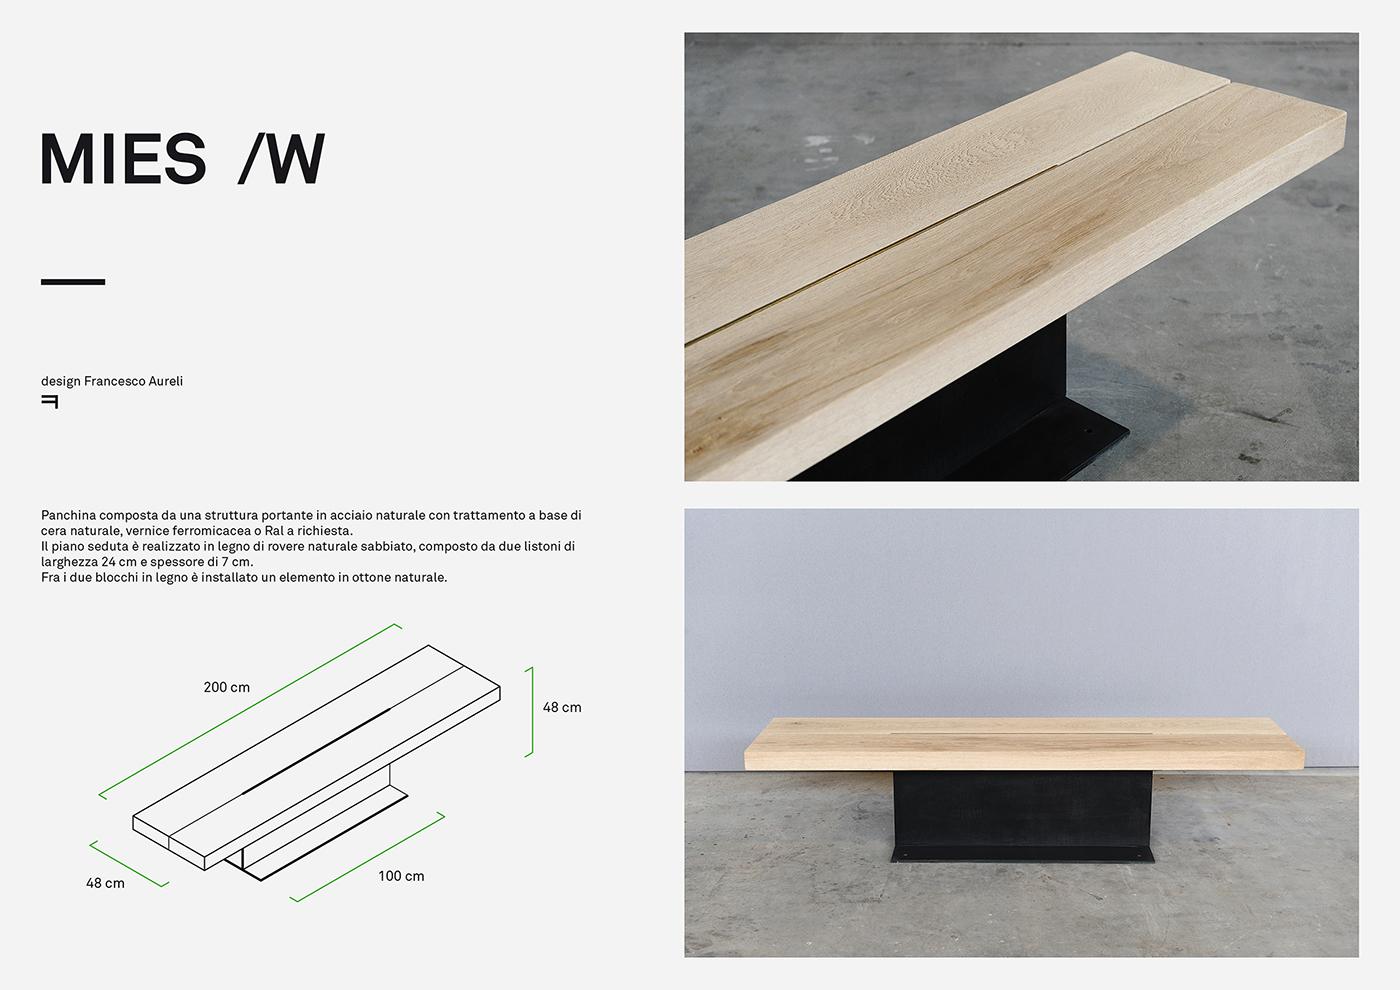 MIES design di arredo urbano in acciaio e legno progettato da Francesco Aureli